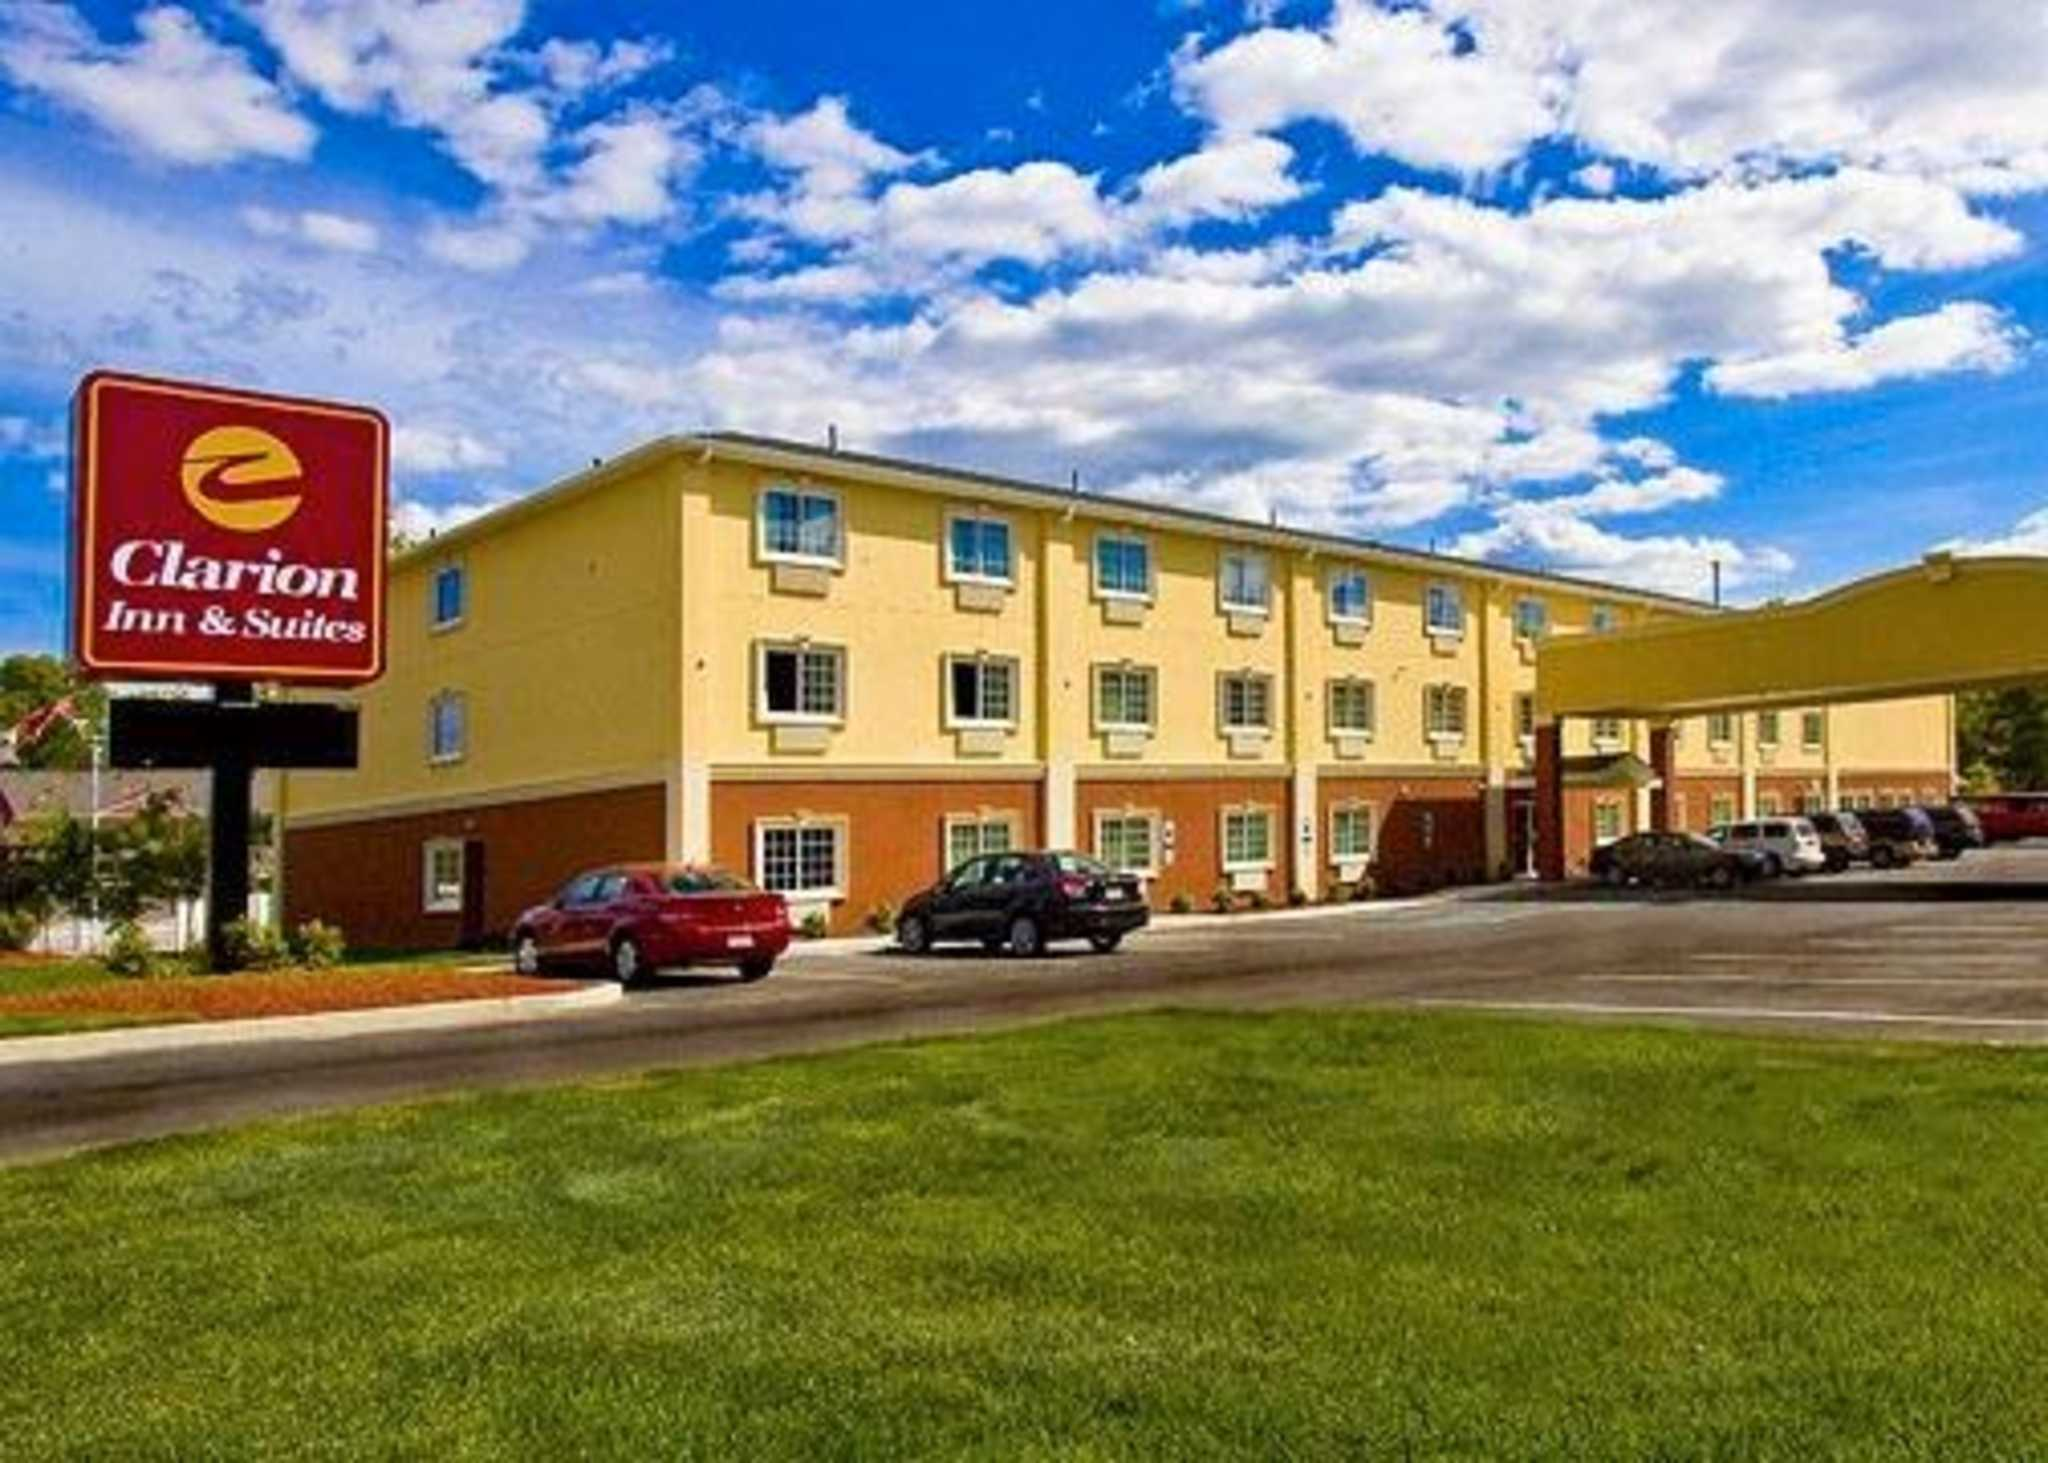 Clarion Inn & Suites Atlantic City North image 0